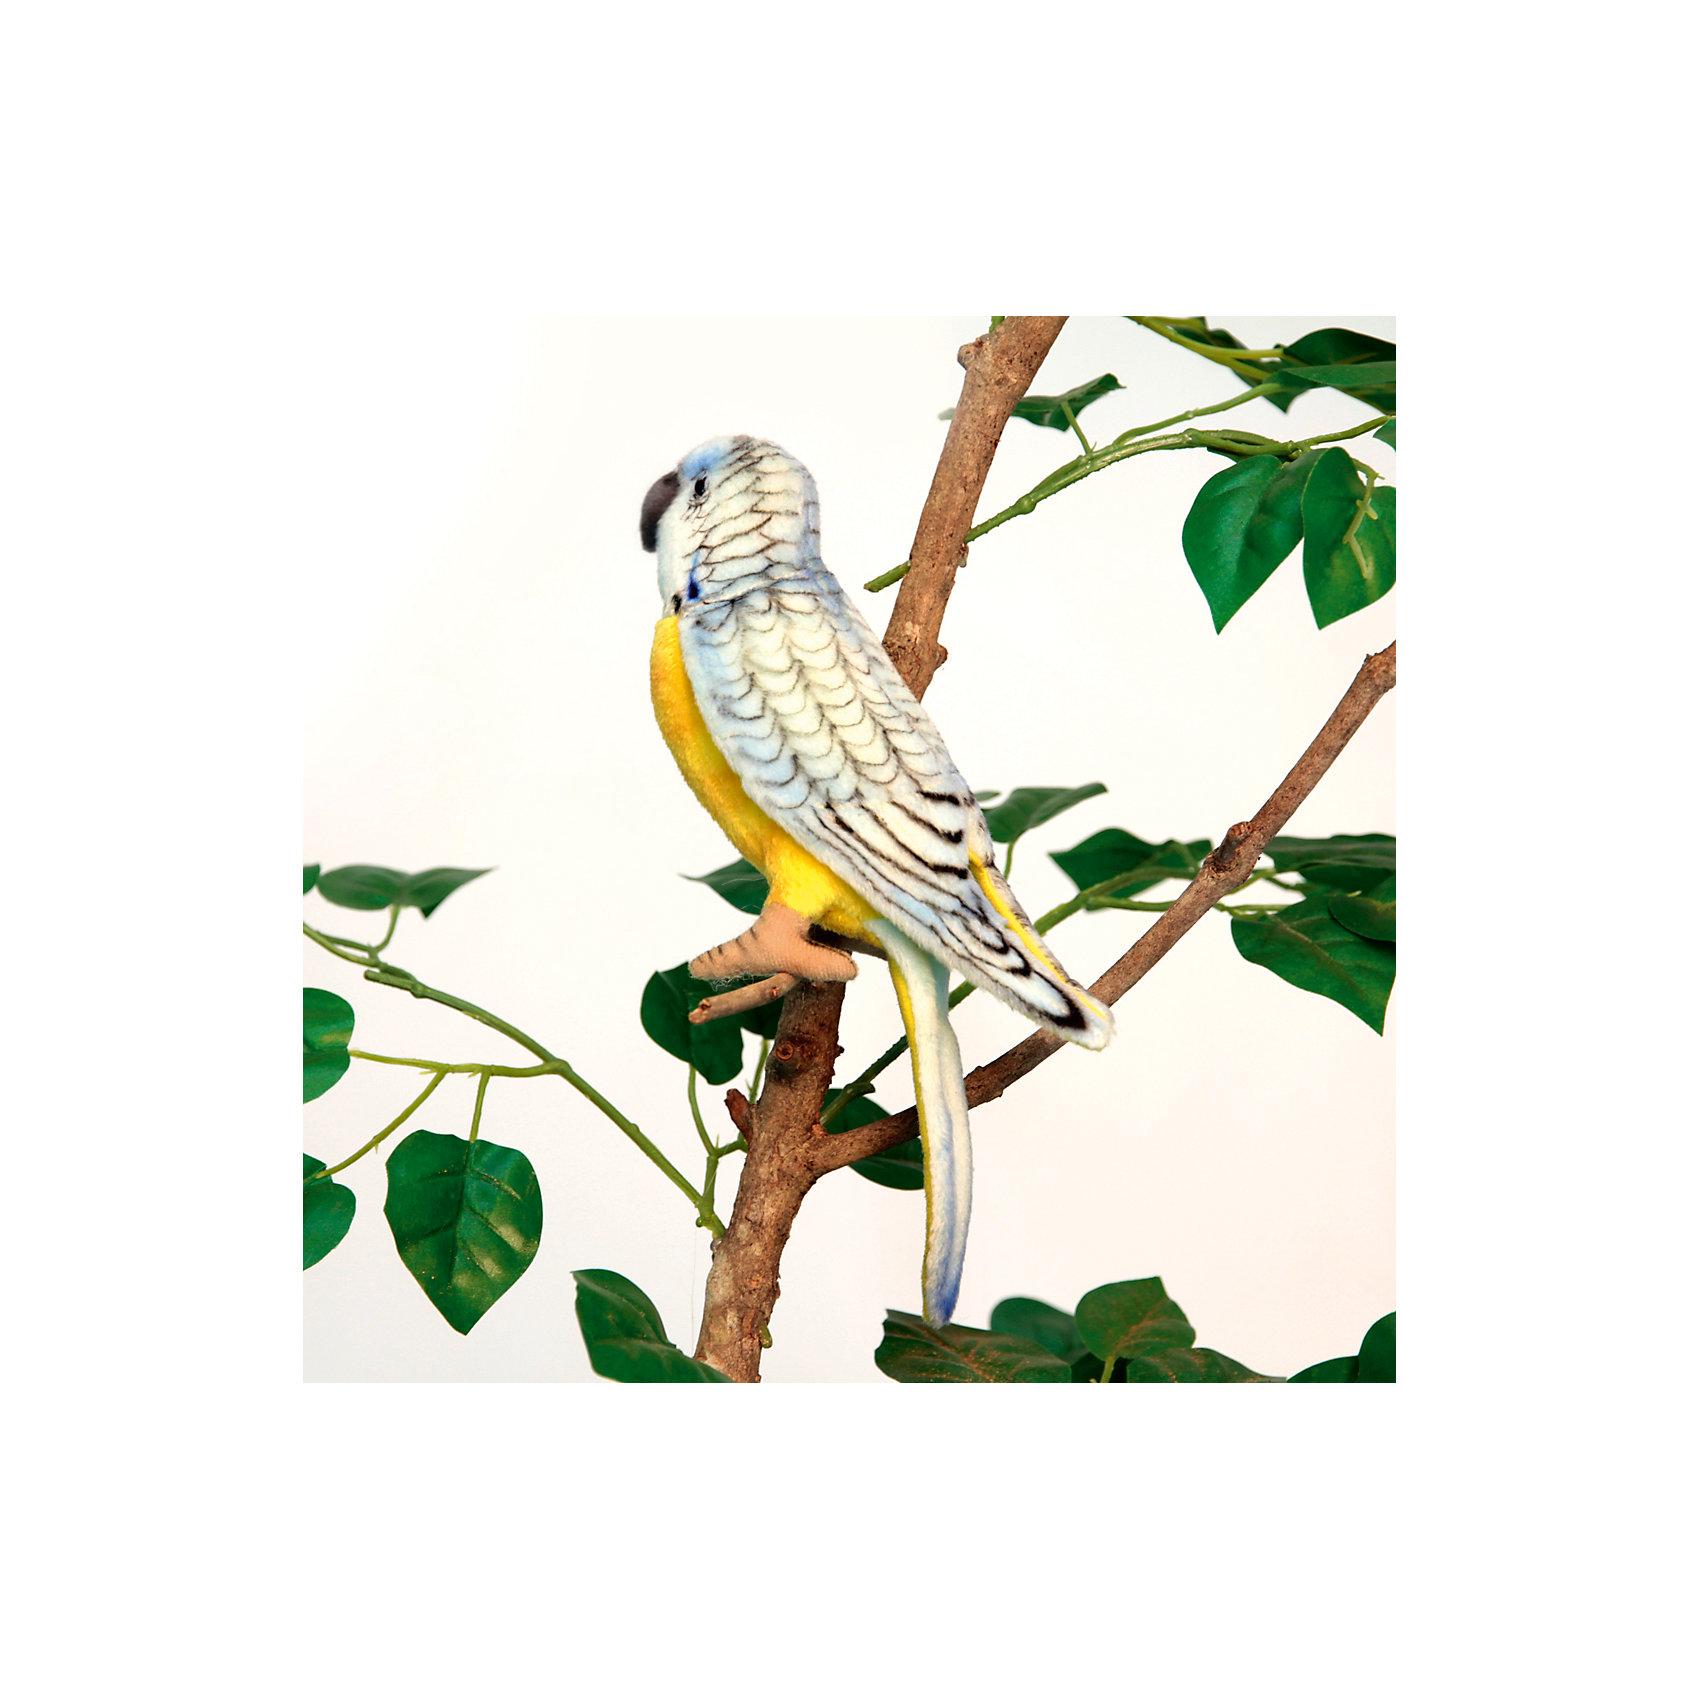 Попугай волнистый голубой, 15 смМягкие игрушки животные<br>Попугай волнистый голубой, 15 см – игрушка от знаменитого бренда Hansa, специализирующегося на выпуске мягких игрушек с высокой степенью натуралистичности. Внешний вид игрушечного попугая полностью соответствует реальному прототипу – семейству волнистых одомашненных попугаев. Он выполнен из искусственного мехас коротким ворсом. Окрас игрушки полностью имитирует яркое оперение птицы. Использованные материалы обладают гипоаллергенными свойствами. Внутри игрушки имеется металлический каркас, позволяющий изменять положение. <br>Игрушка относится к серии Домашние животные. <br>Мягкие игрушки от Hansa подходят для сюжетно-ролевых игр, для обучающих игр, направленных на знакомство с животным миром дикой природы. Кроме того, их можно использовать в качестве интерьерных игрушек. Коллекция из нескольких игрушек позволяет создать свой домашний зоопарк, который будет радовать вашего ребенка долгое время, так как ручная работа и качественные материалы гарантируют их долговечность и прочность.<br><br>Дополнительная информация:<br><br>- Вид игр: сюжетно-ролевые игры, коллекционирование, интерьерные игрушки<br>- Предназначение: для дома, для детских развивающих центров, для детских садов<br>- Материал: искусственный мех, наполнитель ? полиэфирное волокно<br>- Размер (ДхШхВ): 7*15*5 см<br>- Вес: 210 г<br>- Особенности ухода: сухая чистка при помощи пылесоса или щетки для одежды<br><br>Подробнее:<br><br>• Для детей в возрасте: от 3 лет <br>• Страна производитель: Филиппины<br>• Торговый бренд: Hansa<br><br>Попугай волнистый голубой, 15 см можно купить в нашем интернет-магазине.<br><br>Ширина мм: 7<br>Глубина мм: 15<br>Высота мм: 5<br>Вес г: 210<br>Возраст от месяцев: 36<br>Возраст до месяцев: 2147483647<br>Пол: Унисекс<br>Возраст: Детский<br>SKU: 4927192